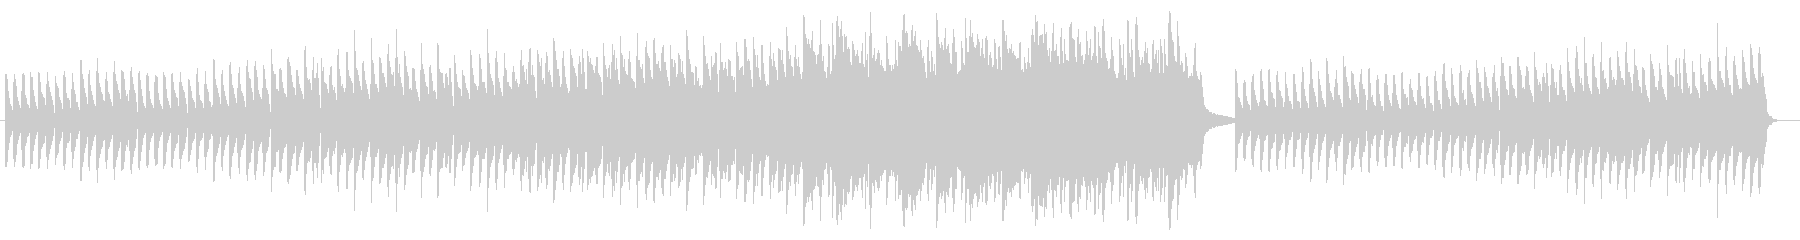 ゆっくりとしたピアノのバラードの未再生の波形